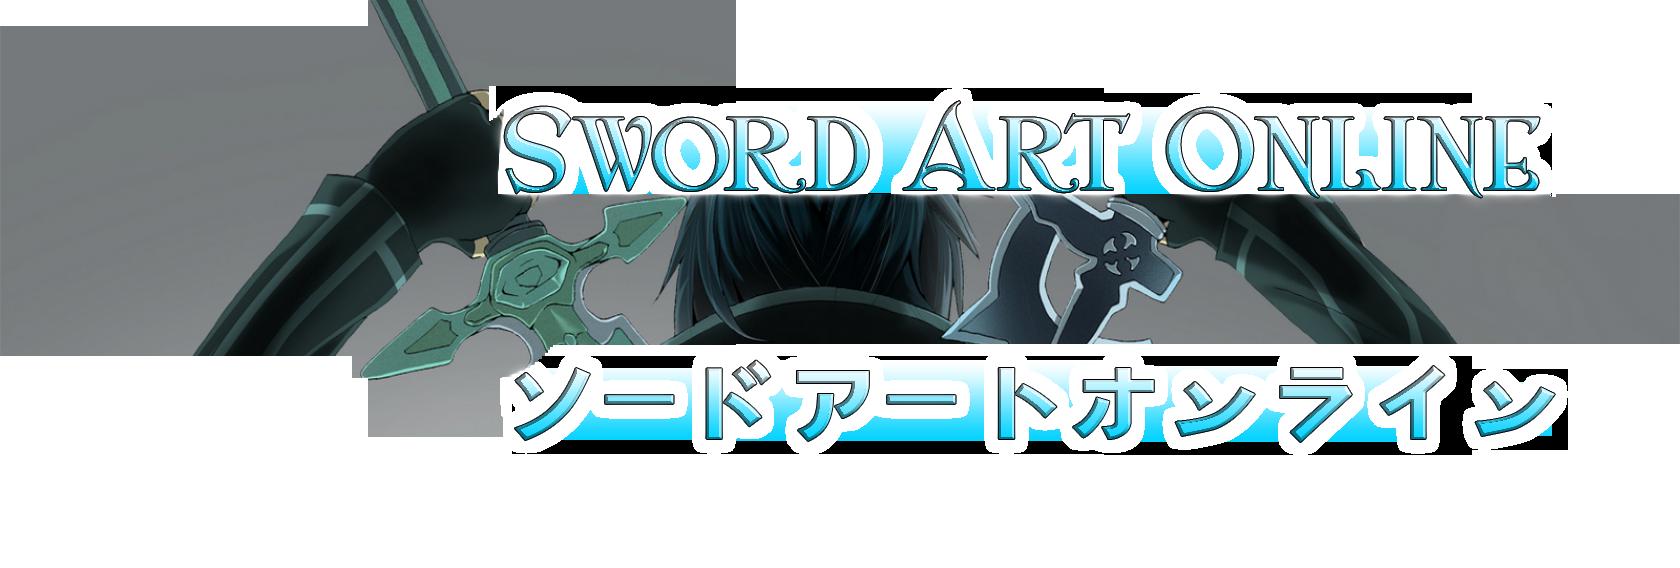 جميع حلقات انمي فن السيوف Sword Art Online S2 الموسم الثاني مترجم تحميل Sao__sword_art_online_banner_by_xeasadeyo123-d5uo0eu